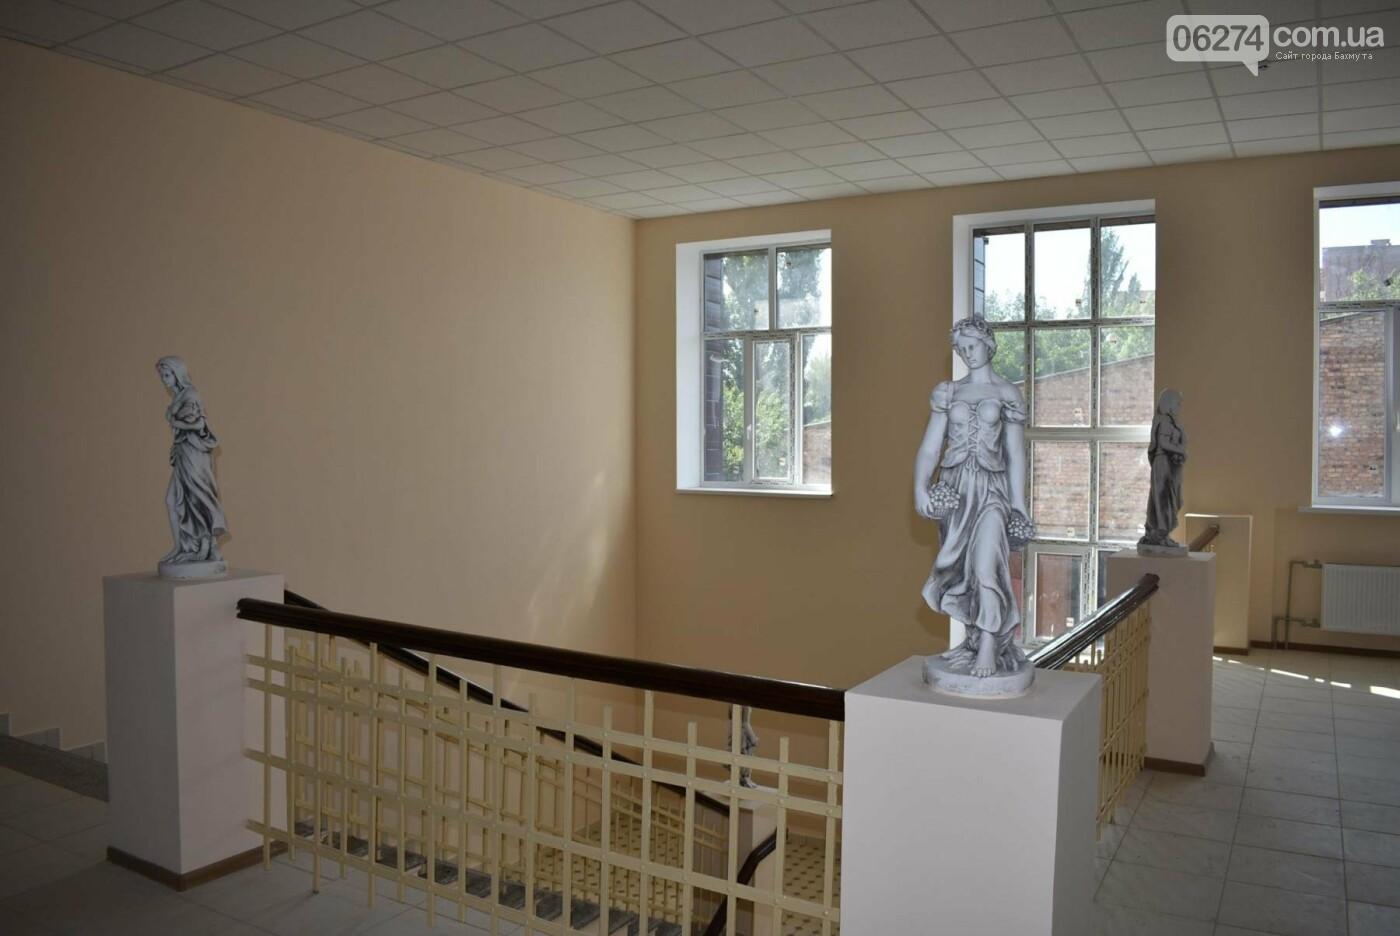 В Бахмуте продолжается реконструкция корпуса колледжа искусств имени Ивана Карабица, фото-5